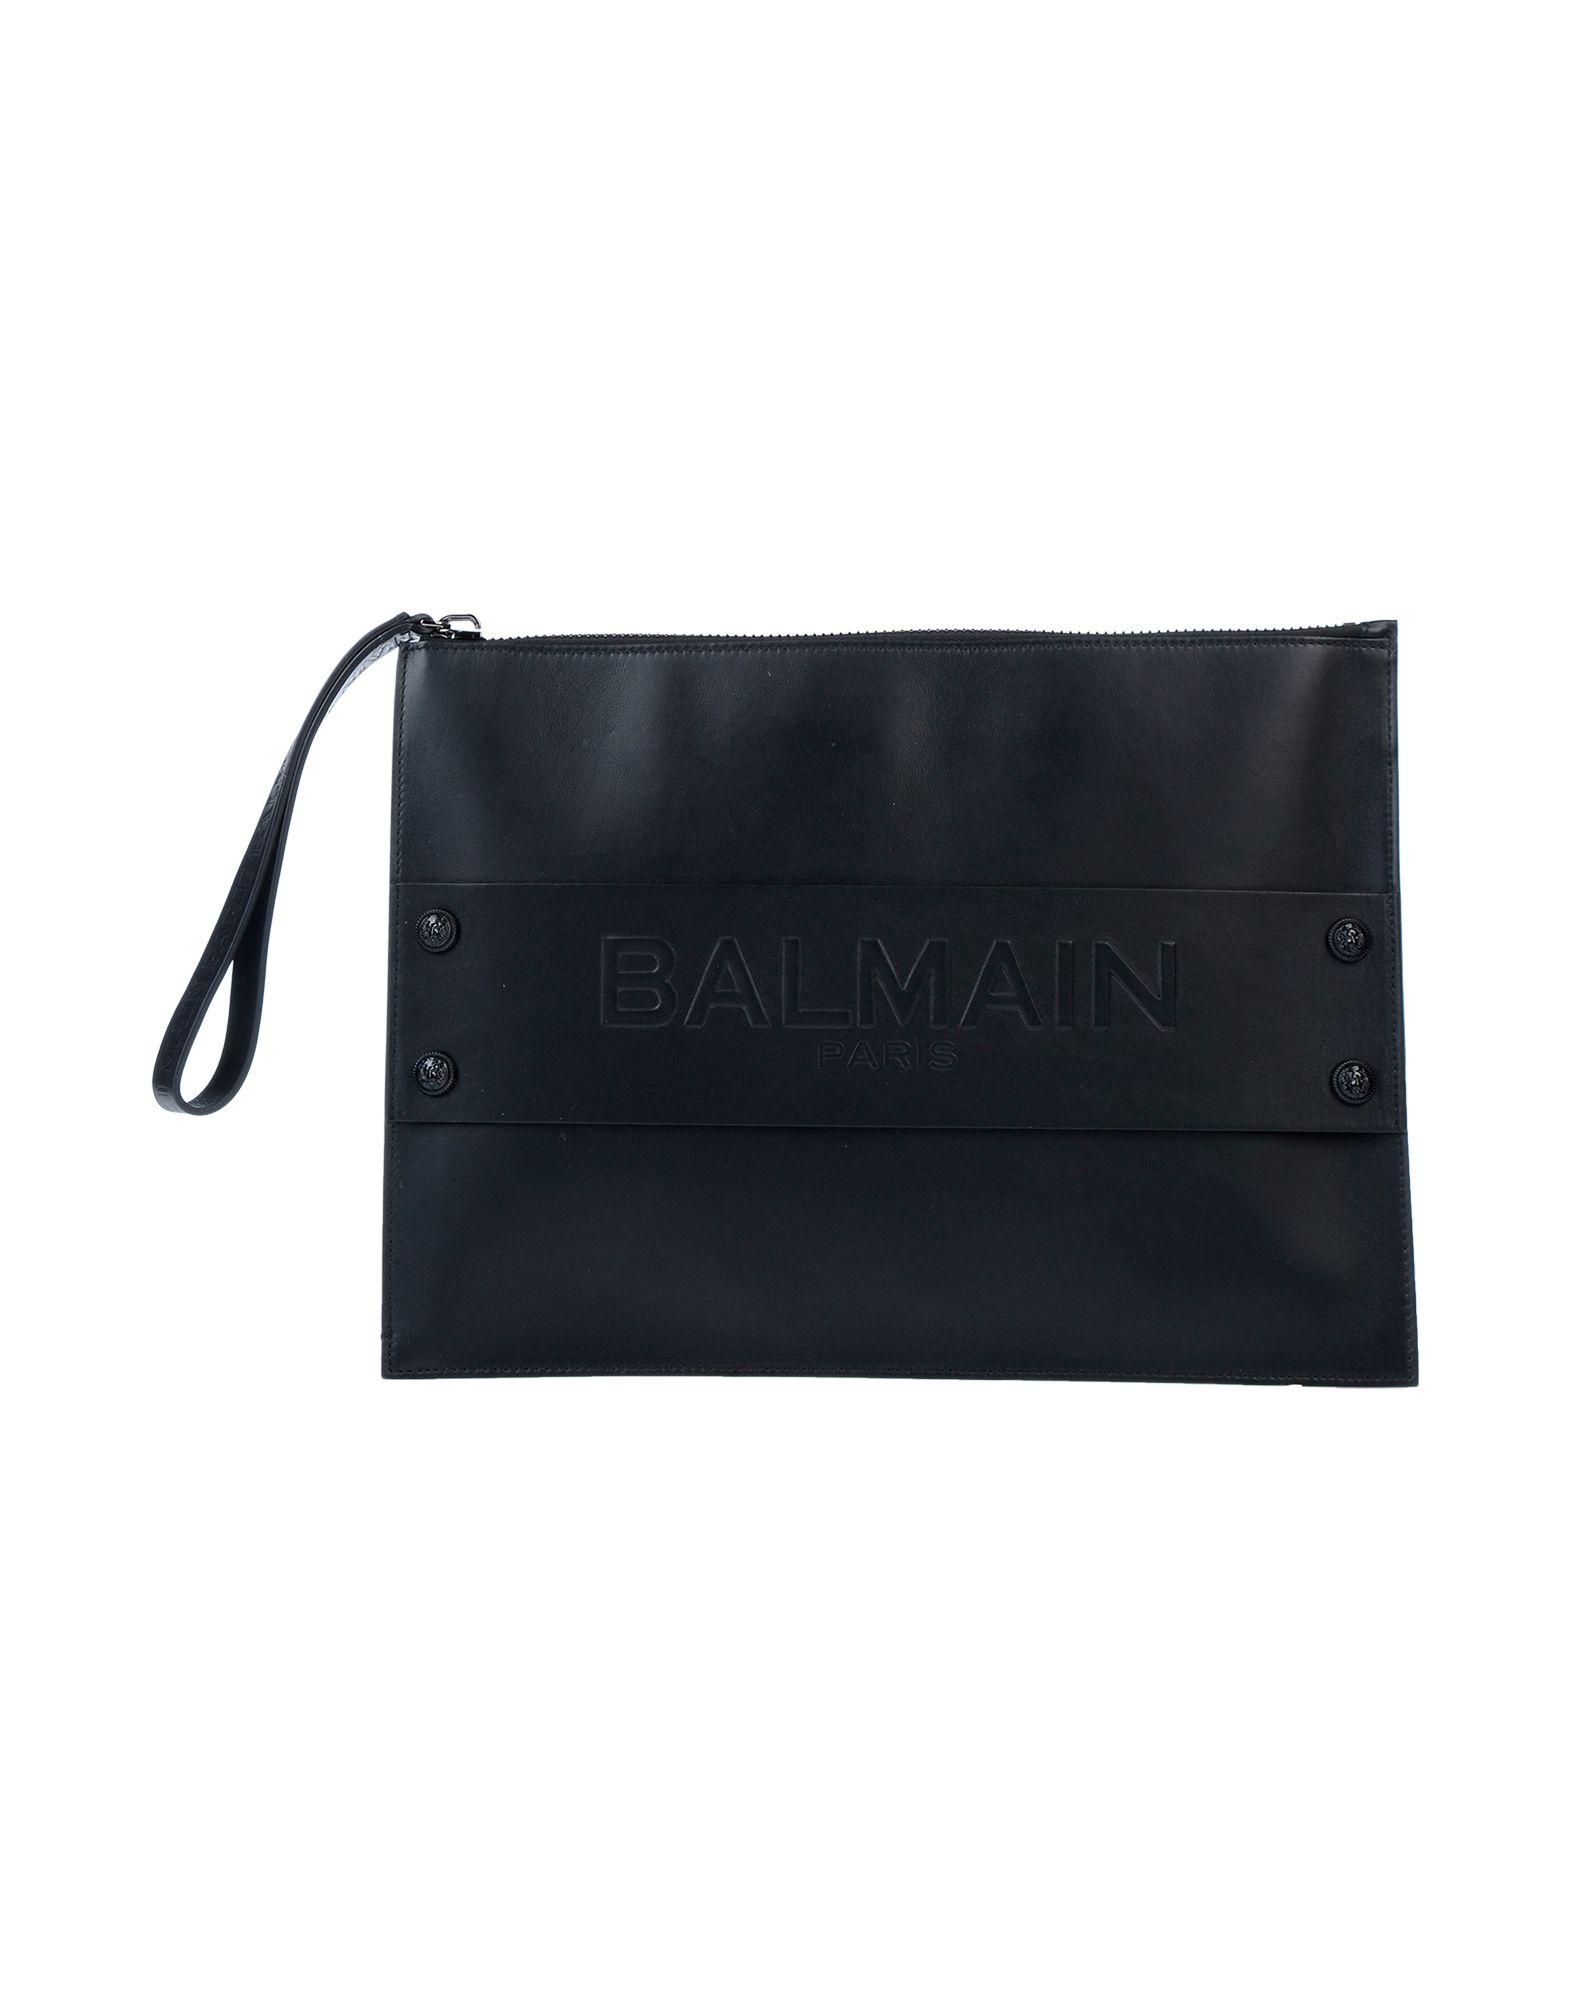 《送料無料》BALMAIN メンズ ハンドバッグ ブラック 革